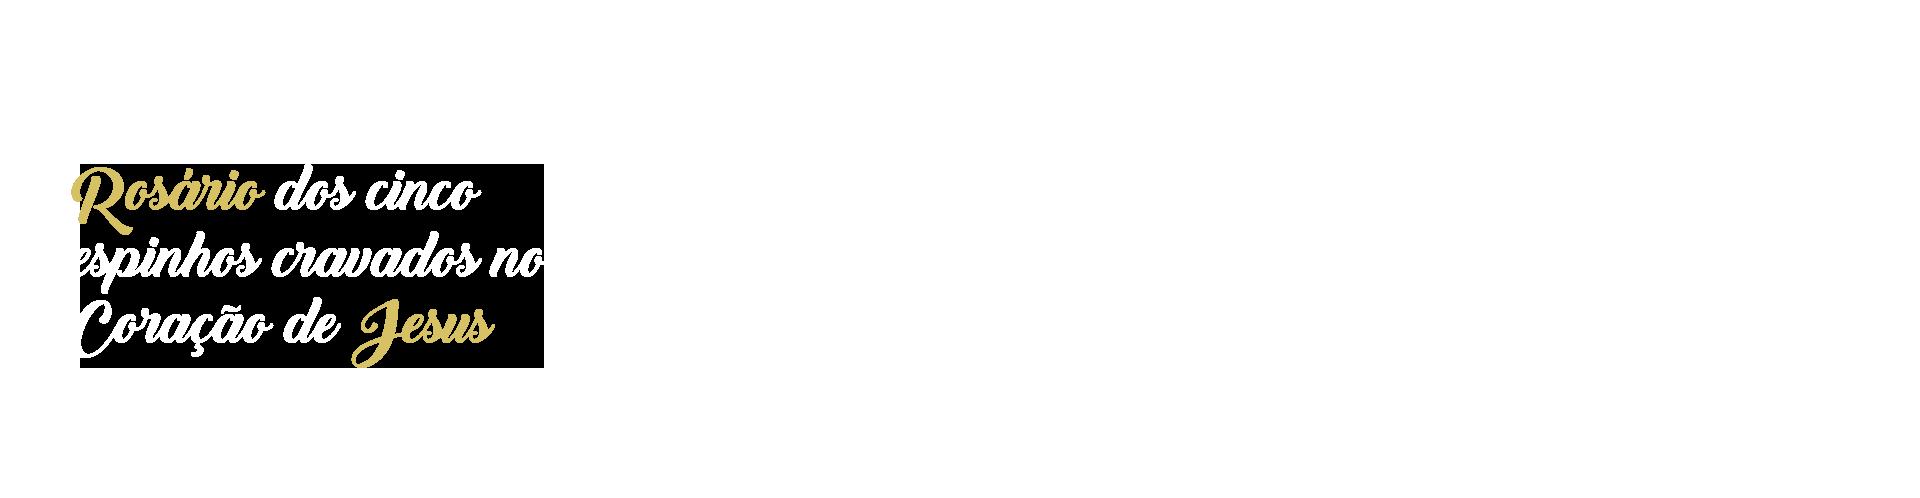 rosario-frase-pt.png